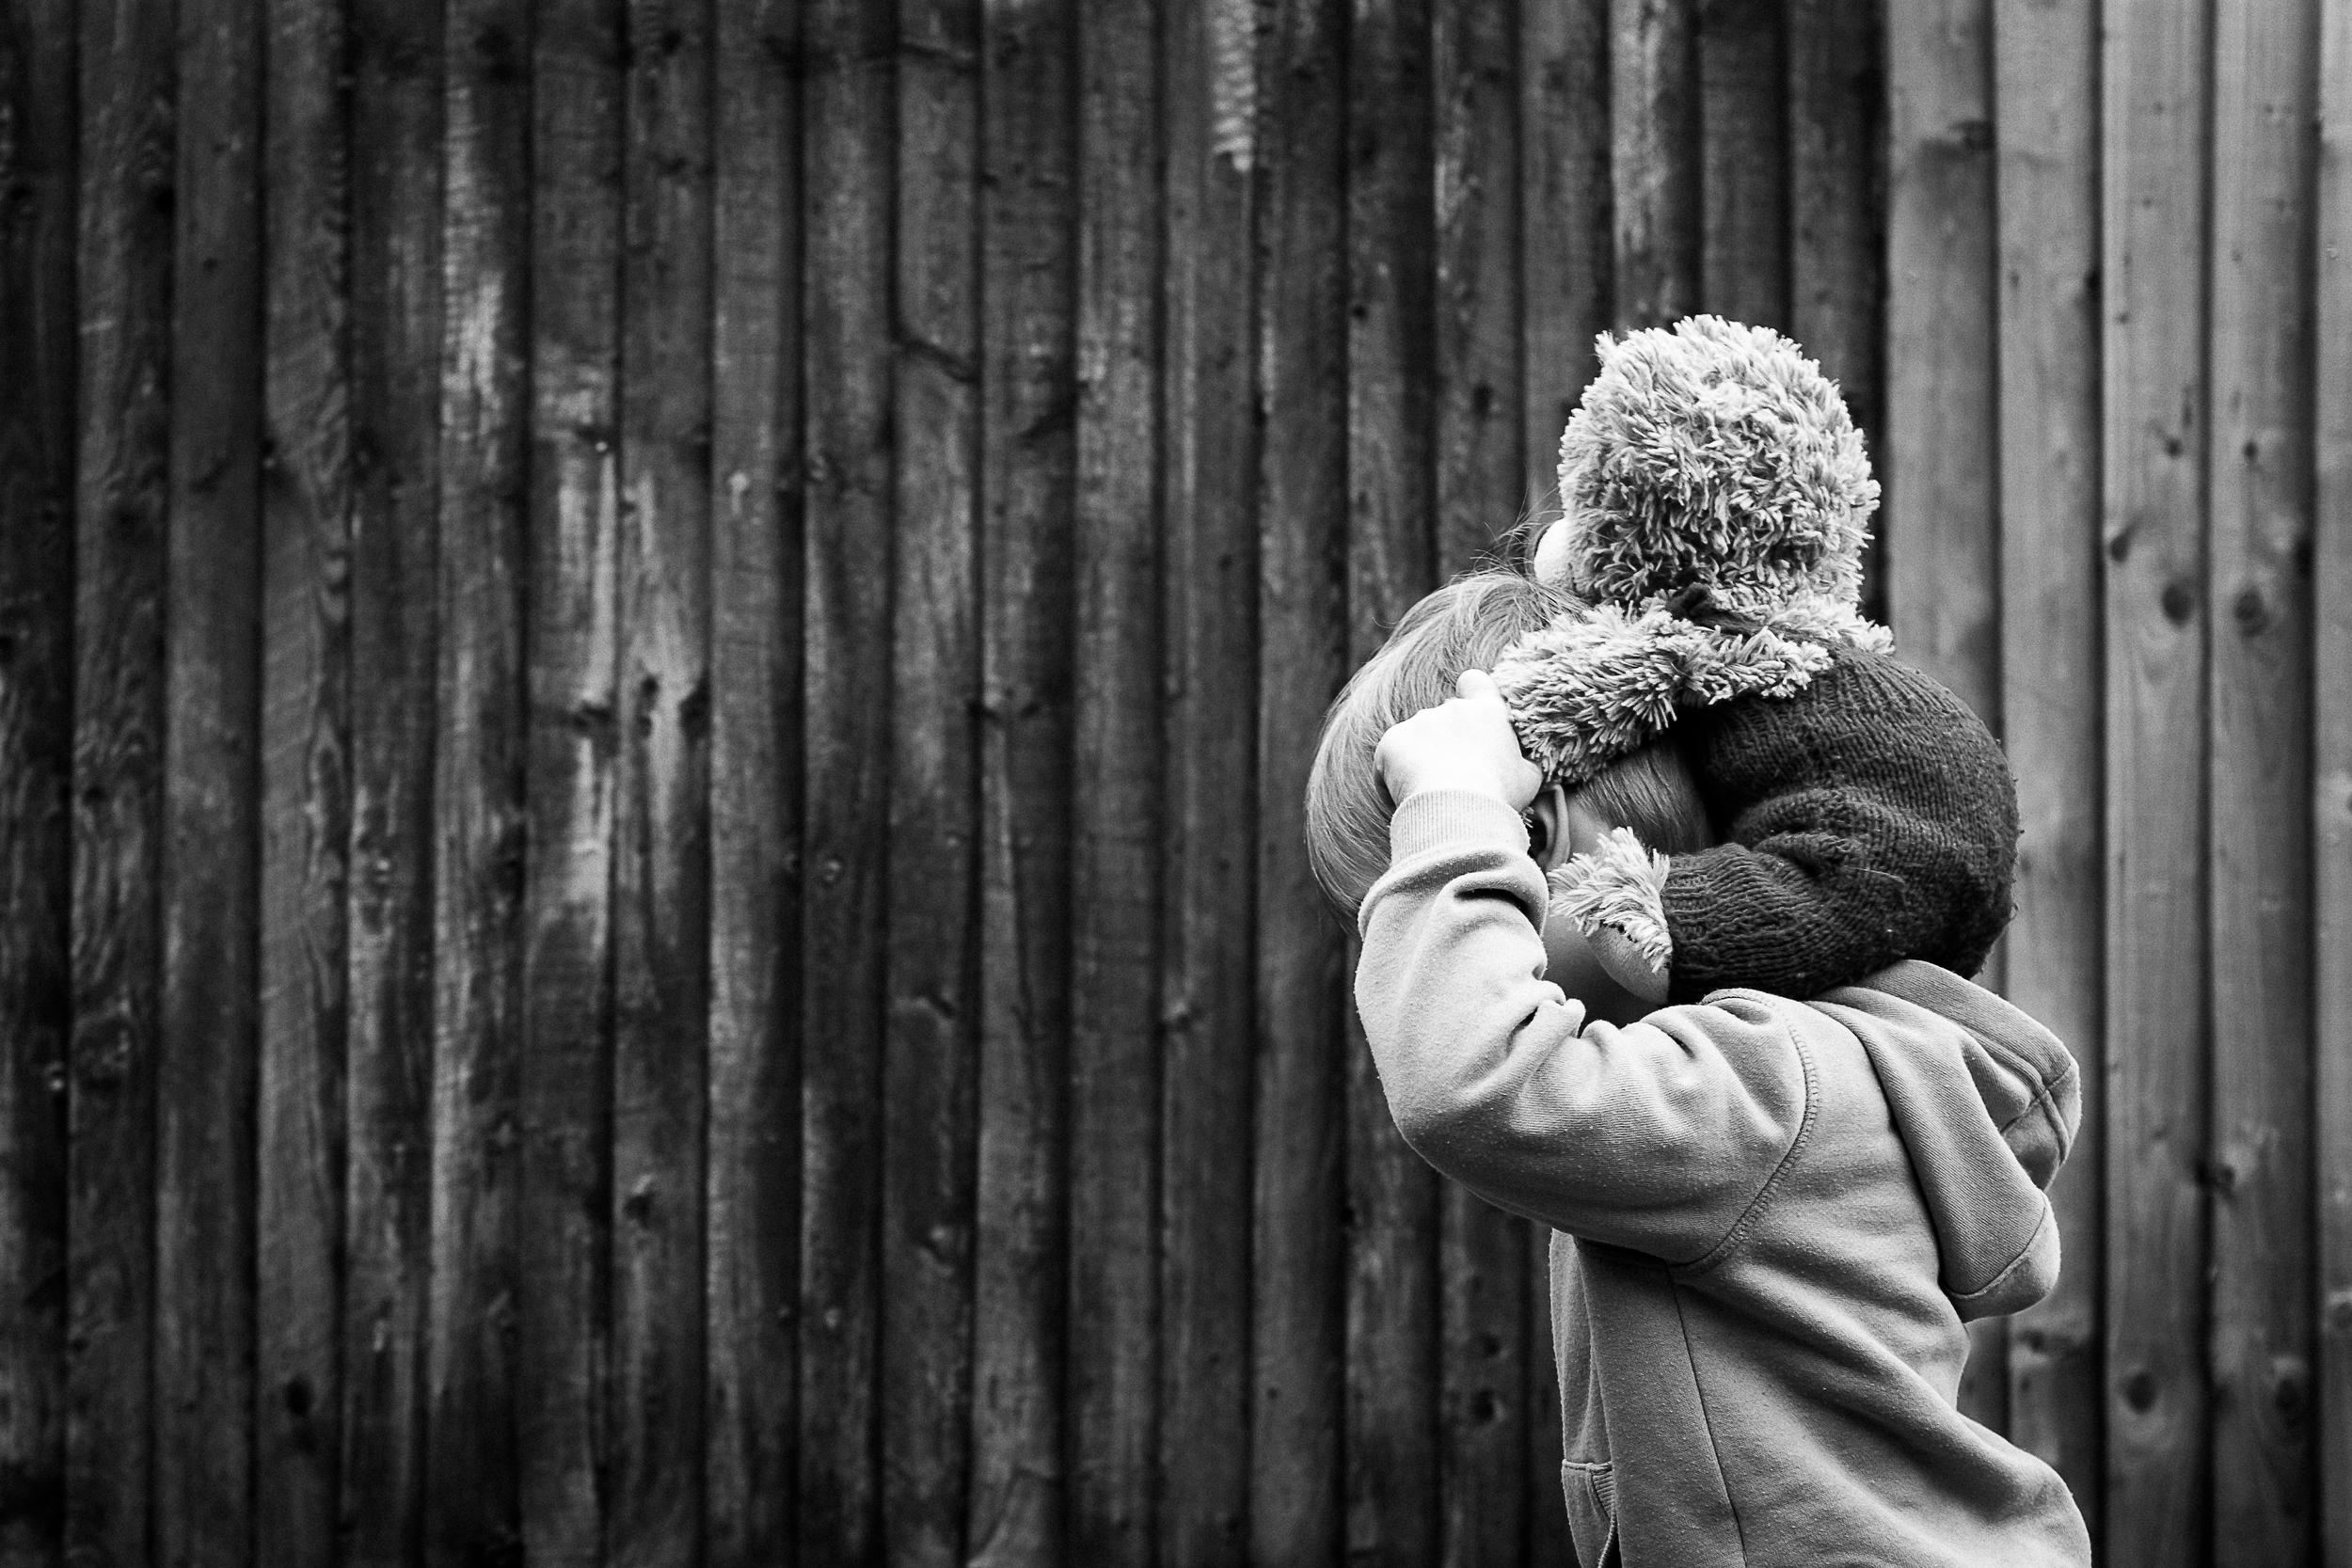 Piggyback  - Meir Park, Stoke-on-Trent - March 2014